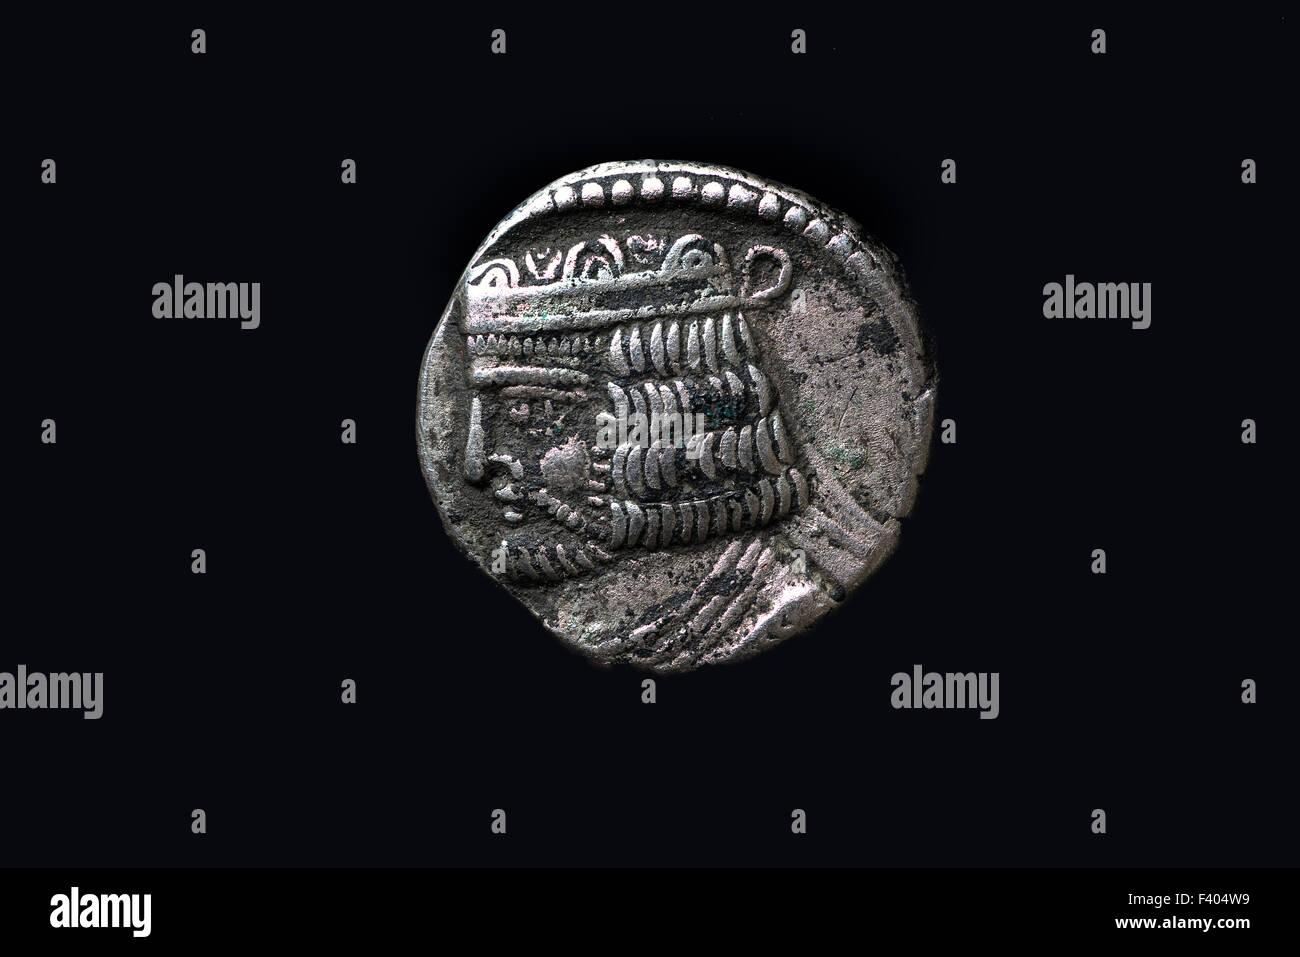 Antique silver coin, Parthian Empire - Stock Image